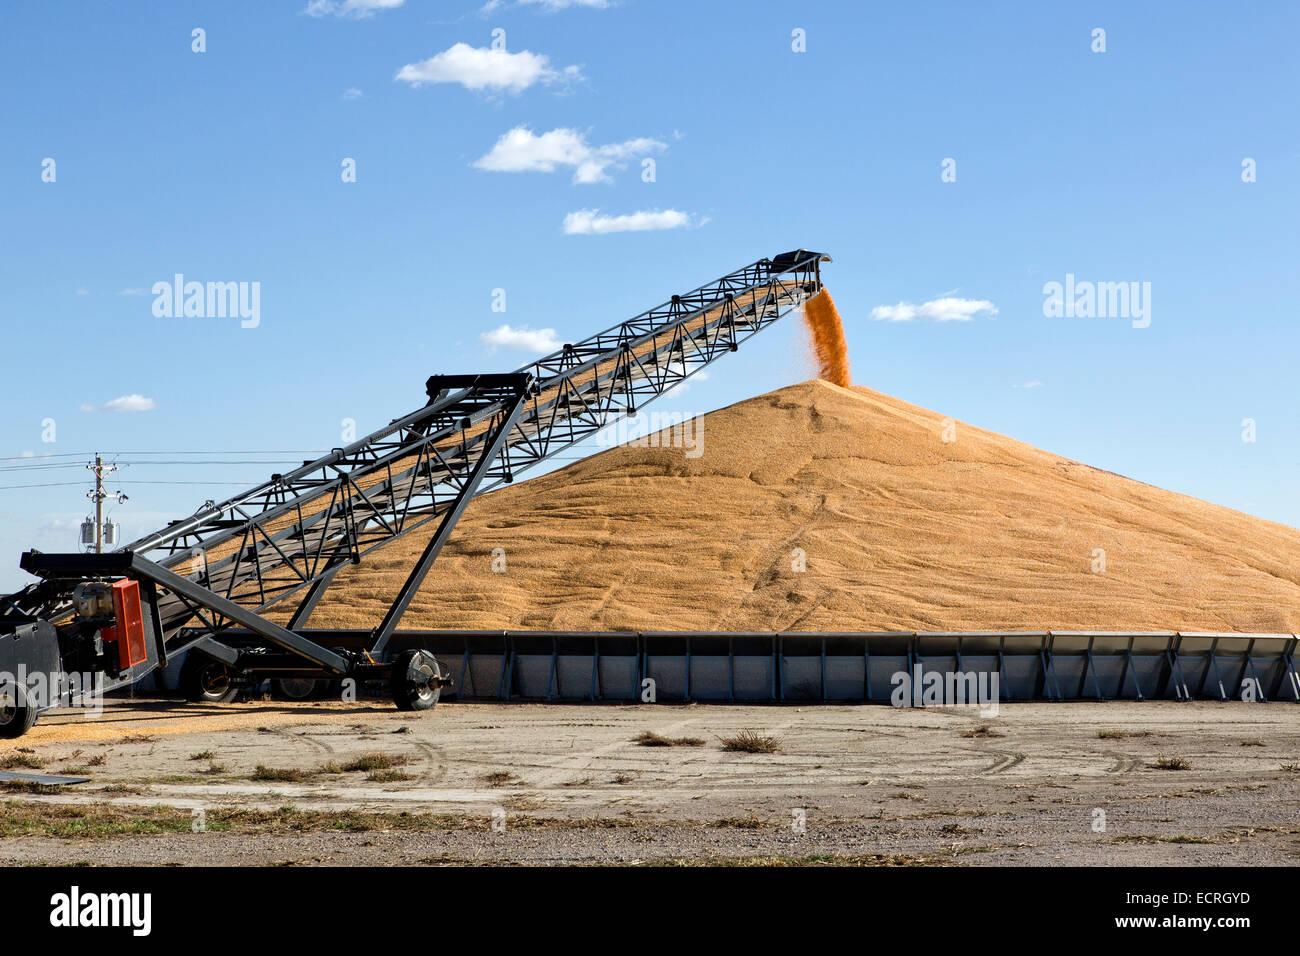 Transport Transport Förderband geschält Mais in Vorratsbunker. Stockbild